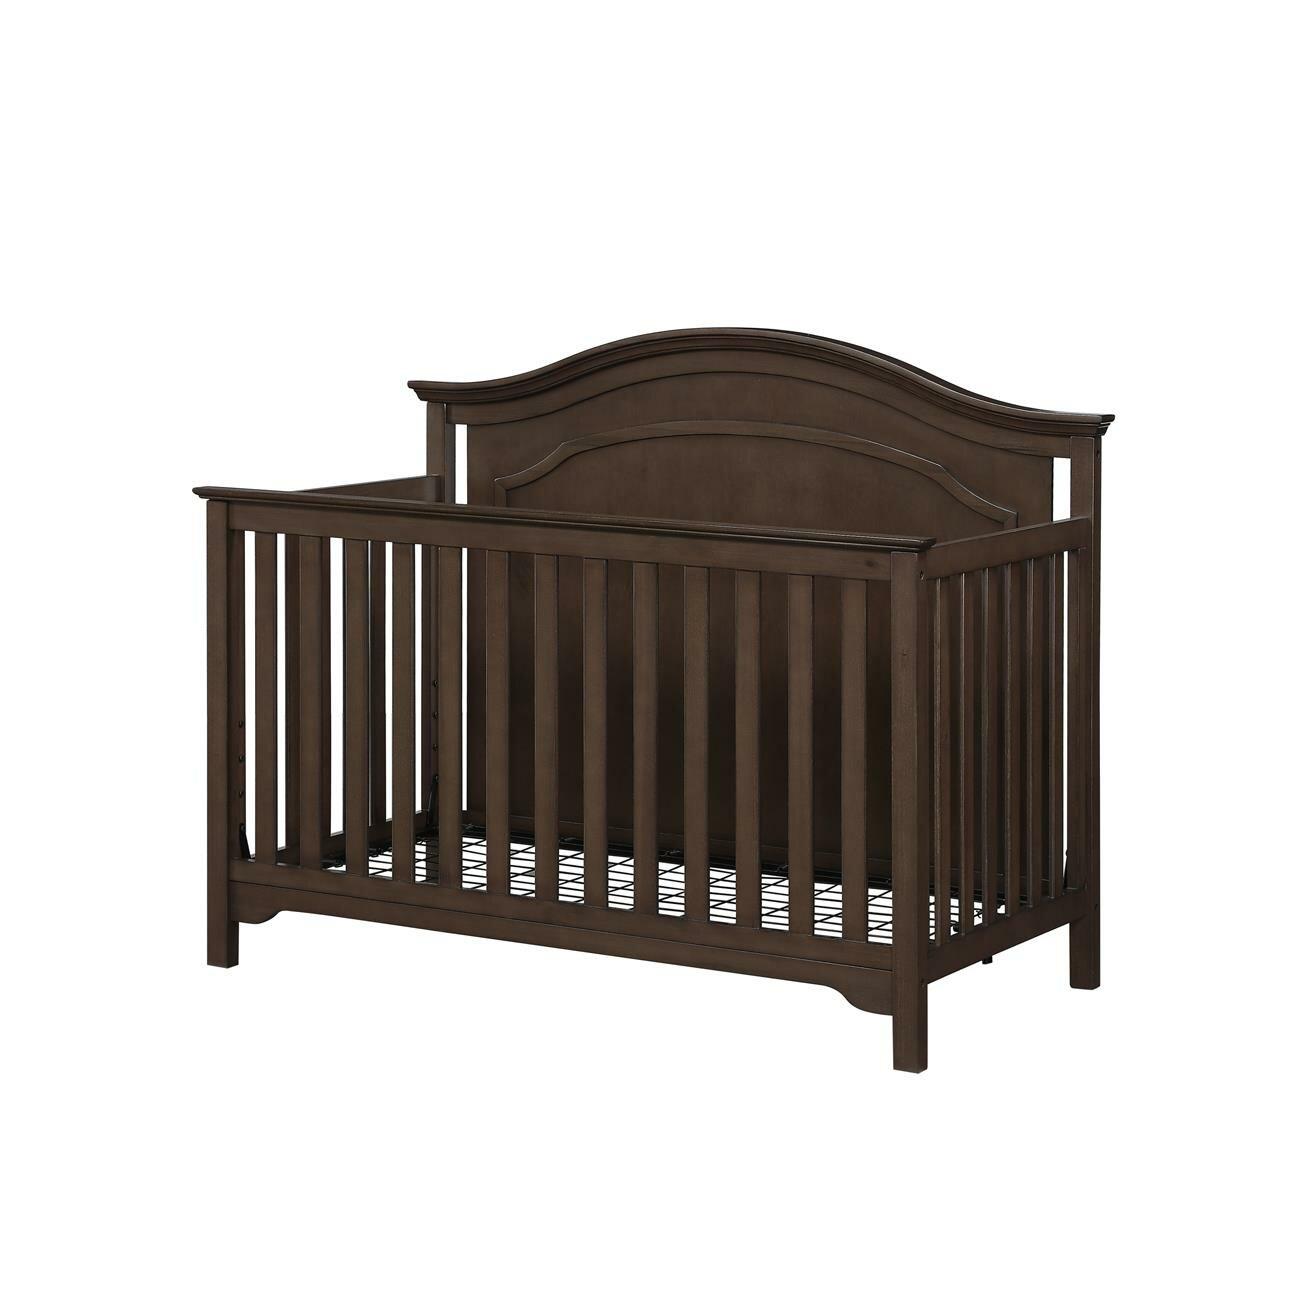 Crib thanksgiving sale - Baby Relax Eddie Bauer Hayworth 4 In 1 Convertible Crib Wayfair